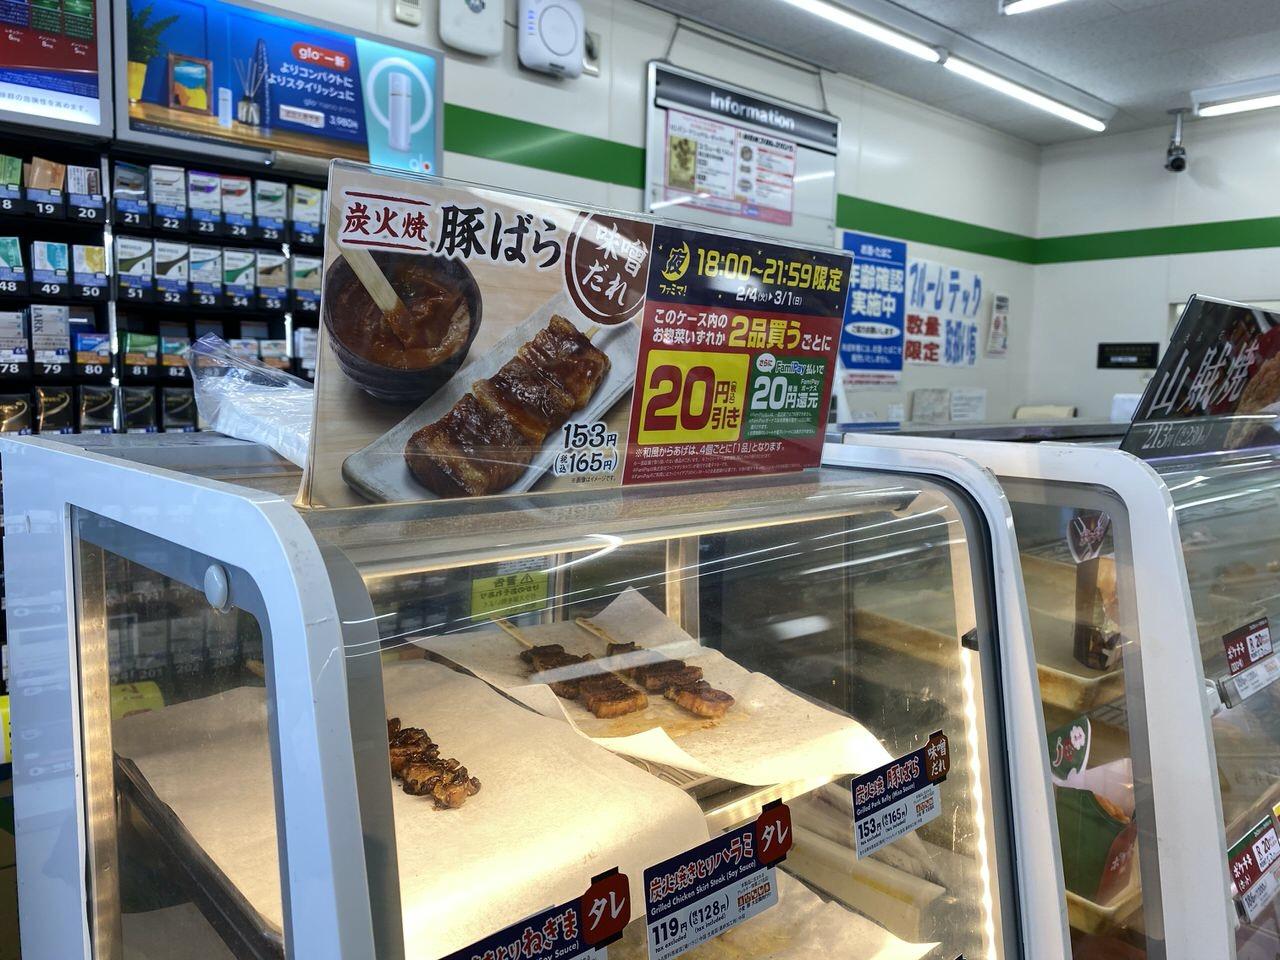 【ファミマ】手軽に給脂できる炭火焼豚ばら串(味噌ダレ)食べてみた